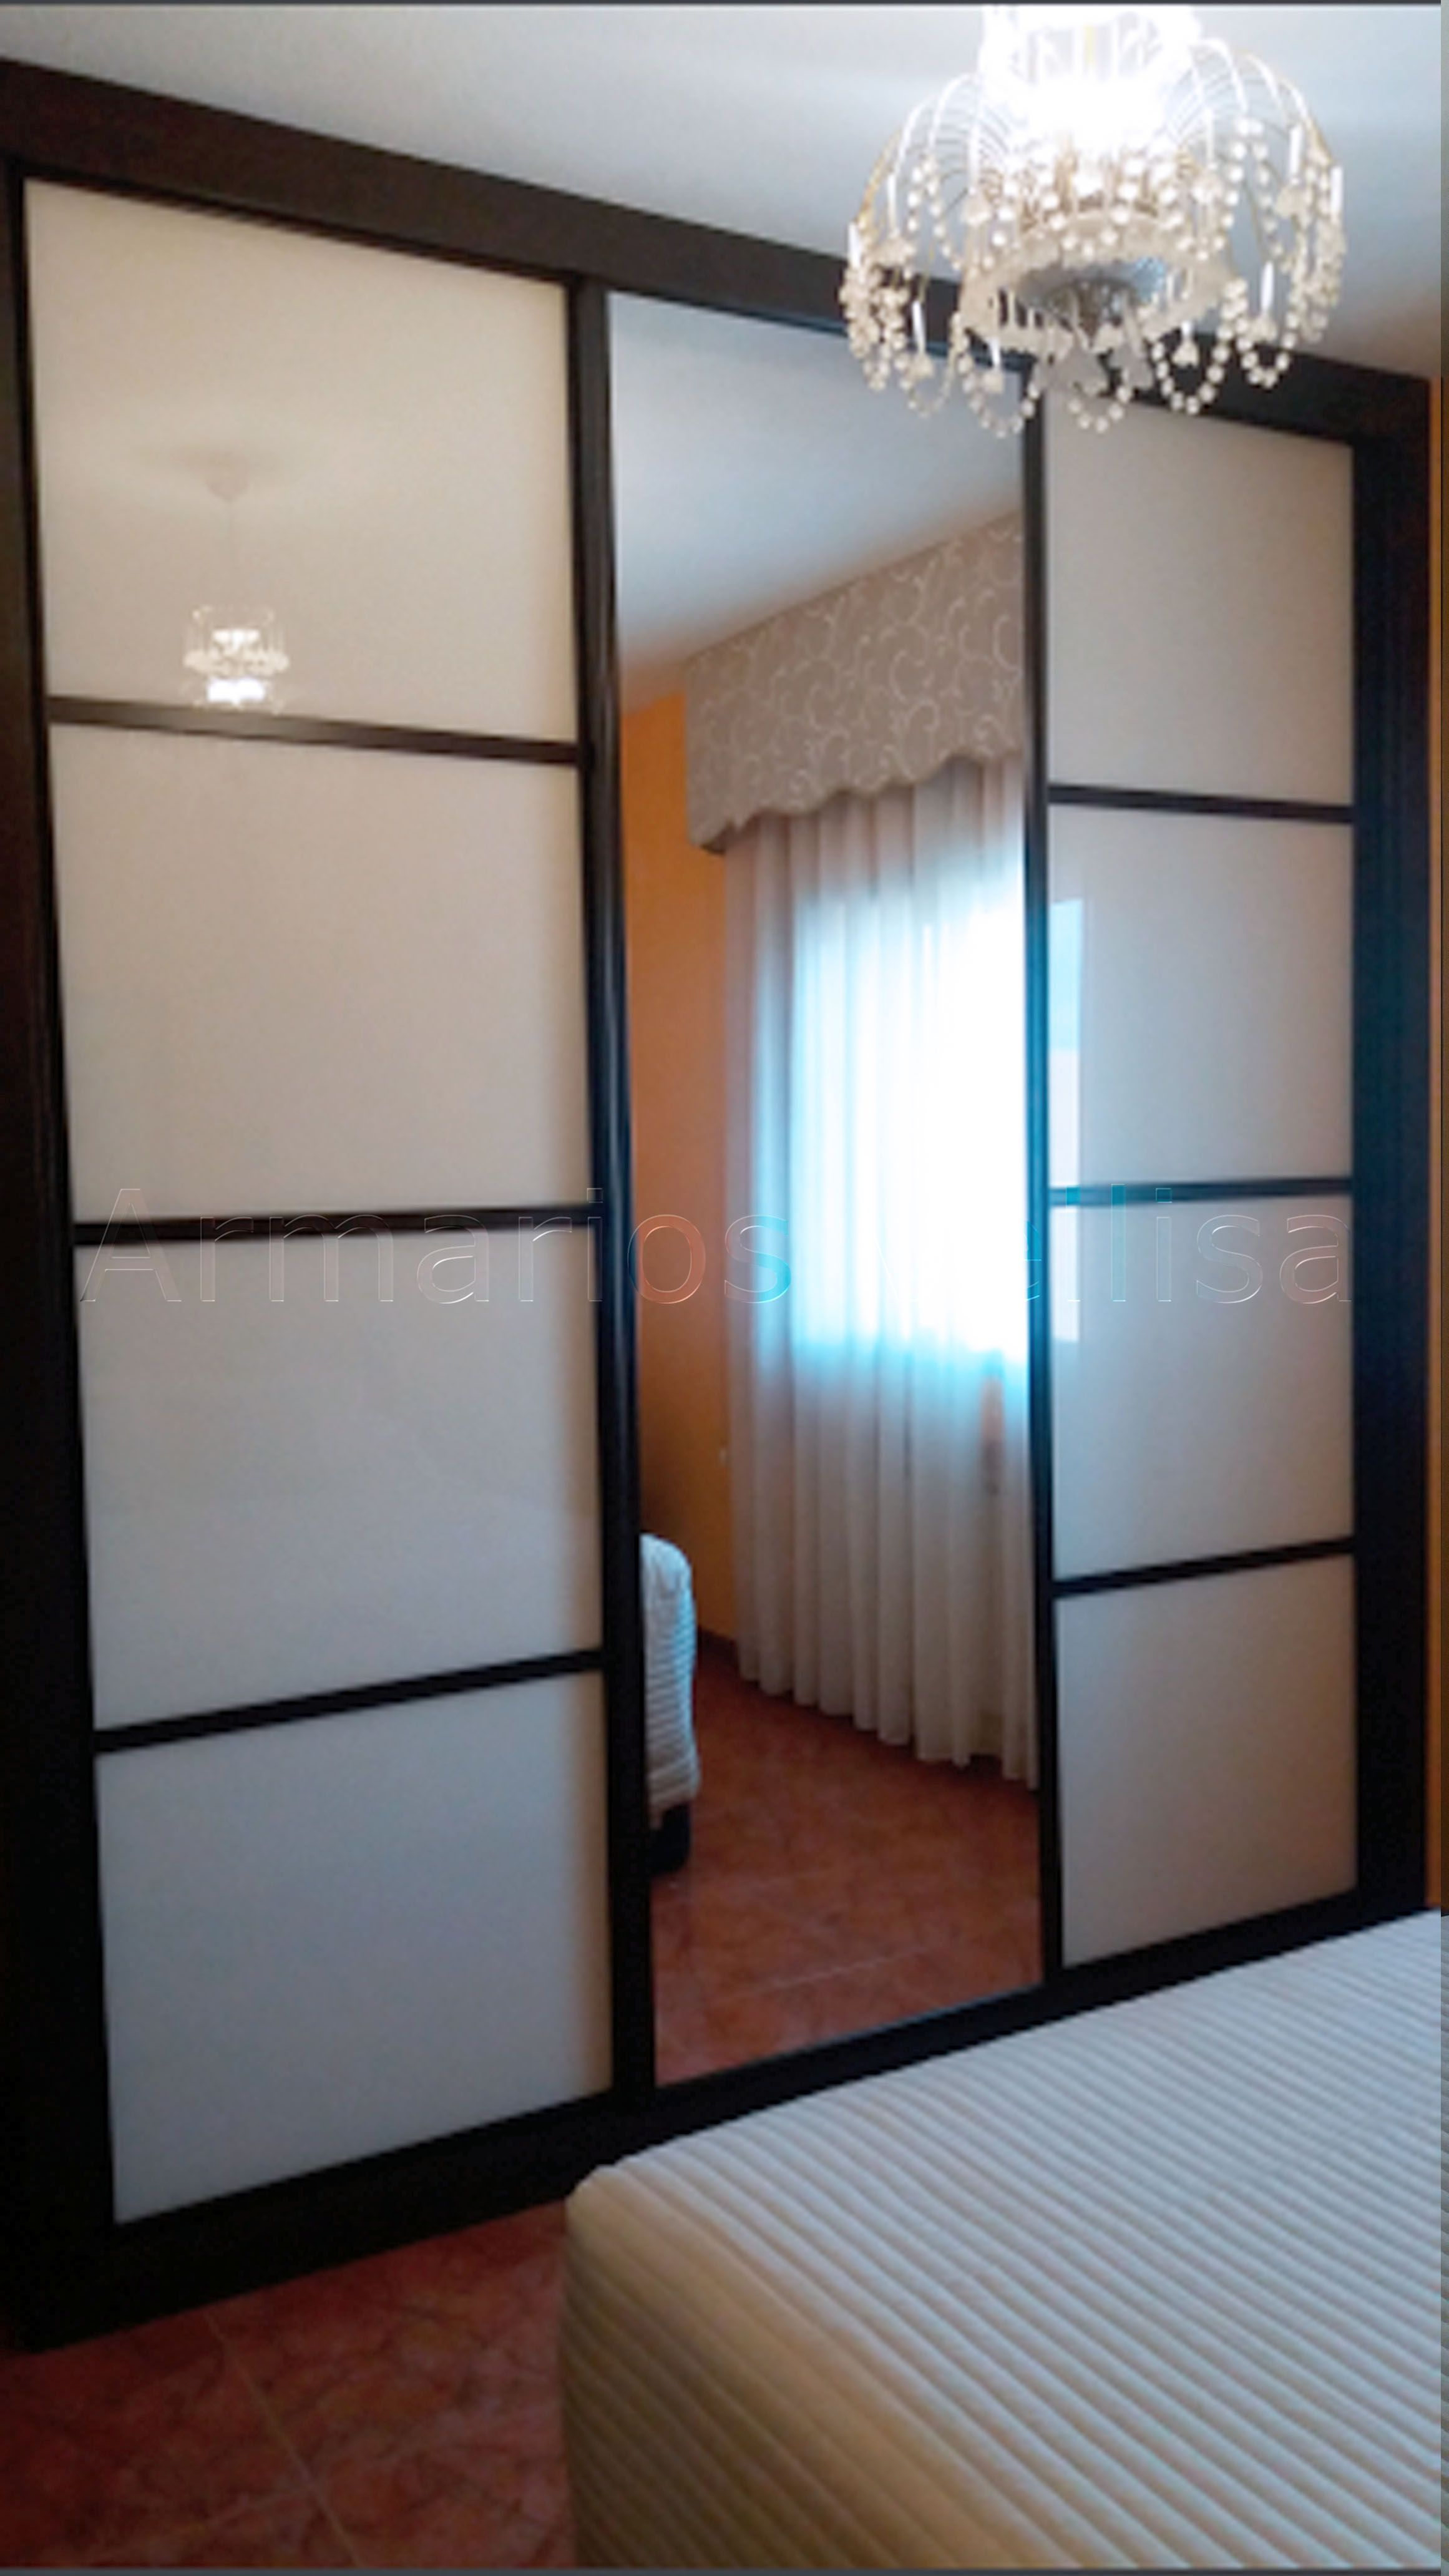 Armario empotrado 275 x 250 x 70 cm 3 puertas correderas for Puertas con espejo